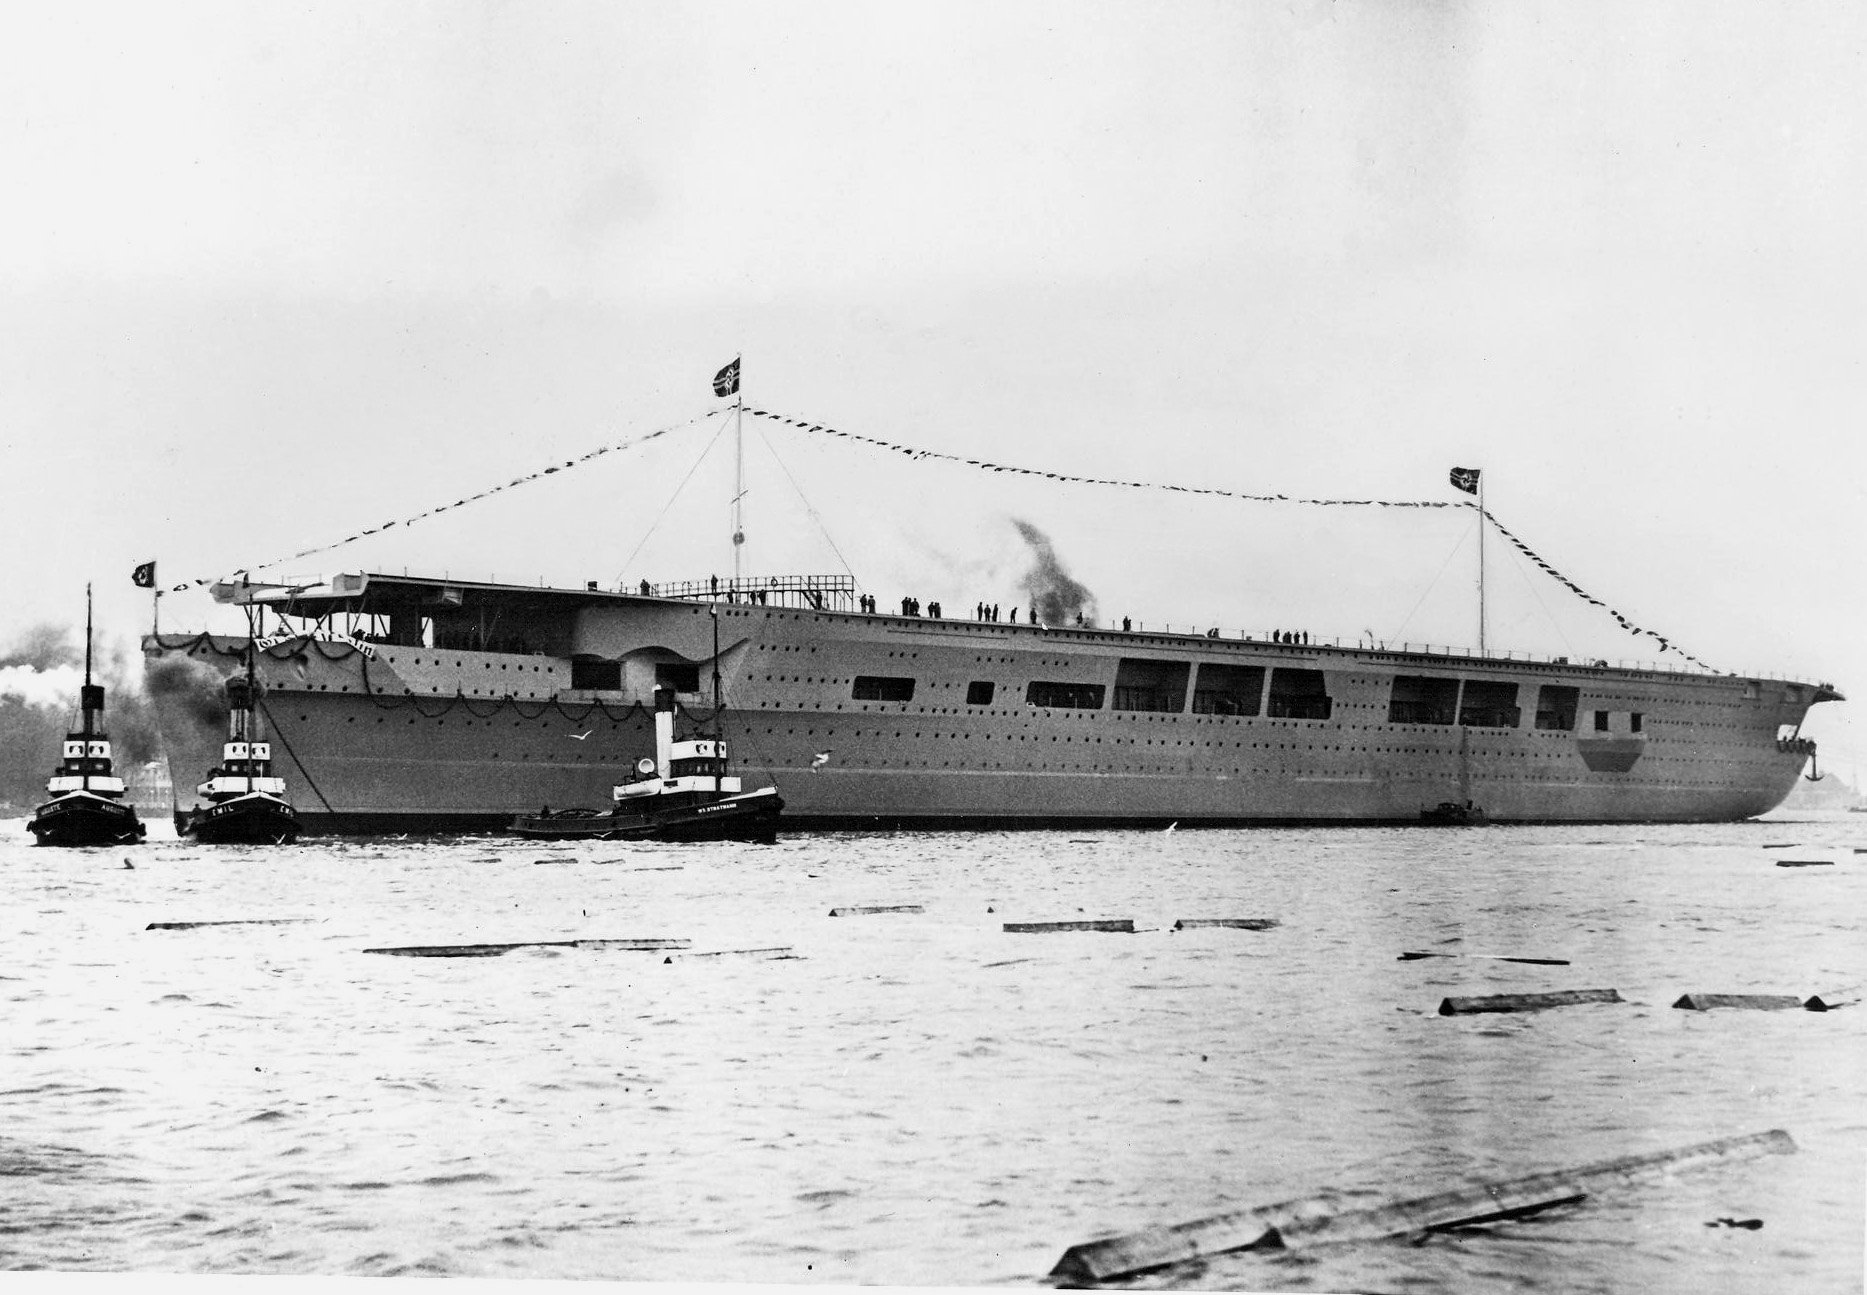 """Dlaczego jedyny nazistowski lotniskowiec znalazł się na dnie Bałtyku? Nowa seria kanału National Geographic """"Wyprawa na dno"""" wyjaśnia historię okrętu Graf Zeppelin i wiele innych podwodnych tajemnic. Premierowy odcinek z udziałem polskich naukowców już w niedzielę 26 sierpnia!"""